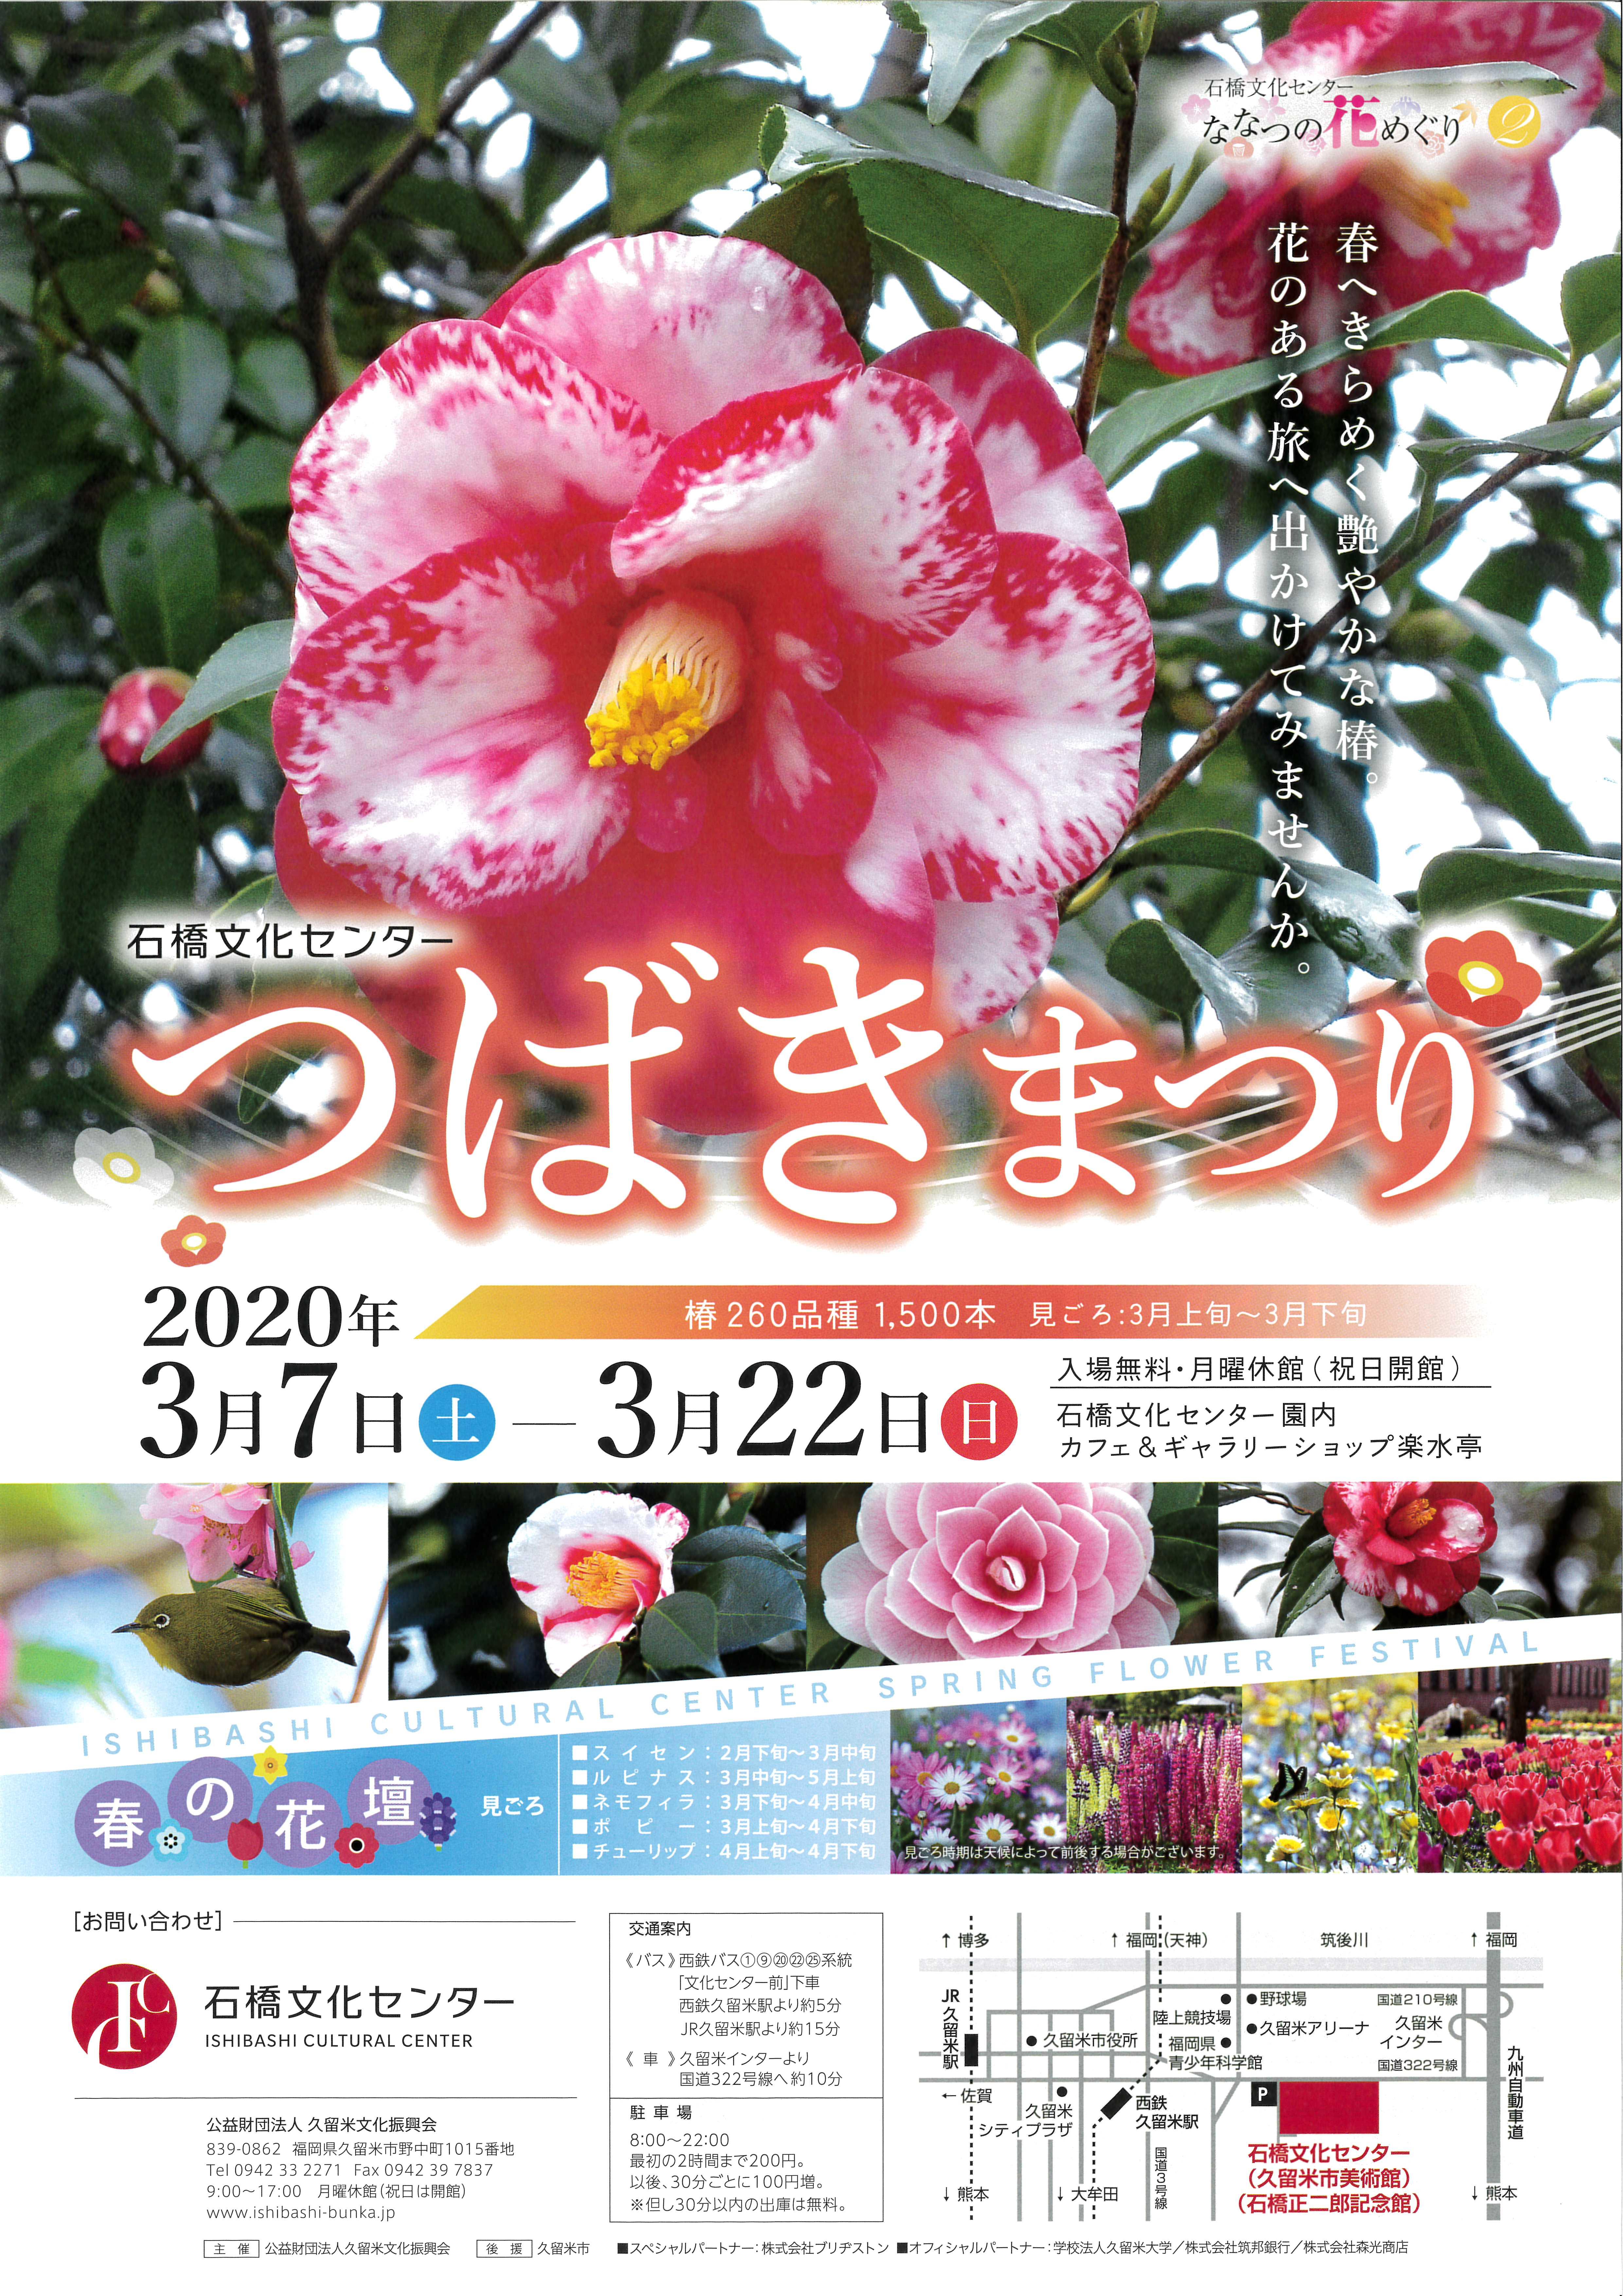 春の花まつり2020 つばきまつり